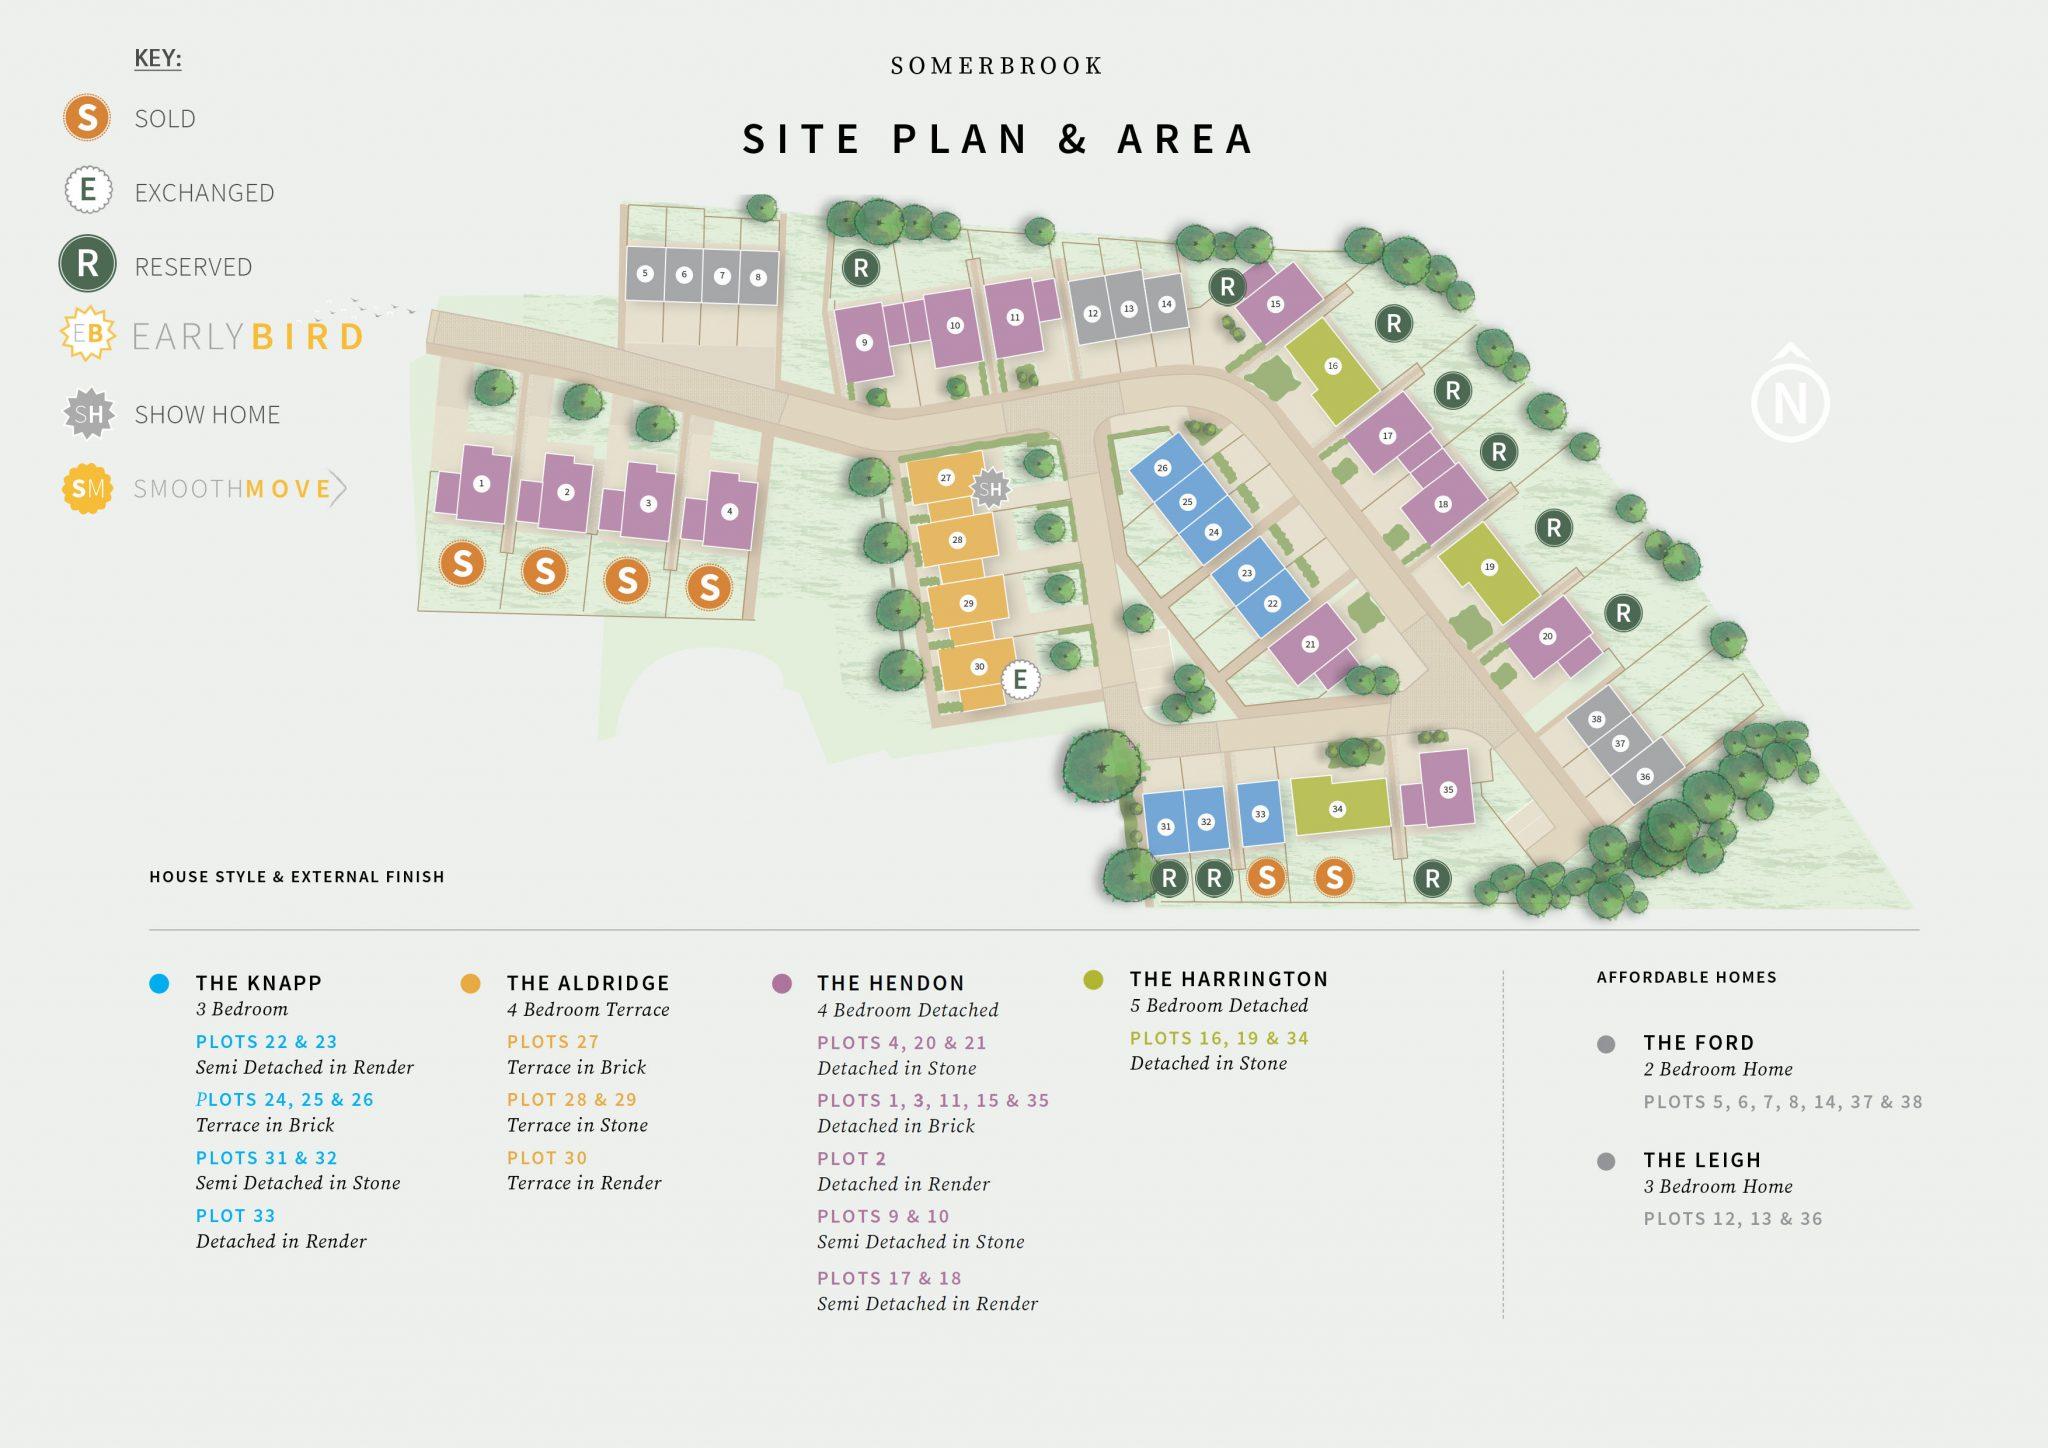 Somerbrook - Site Plan